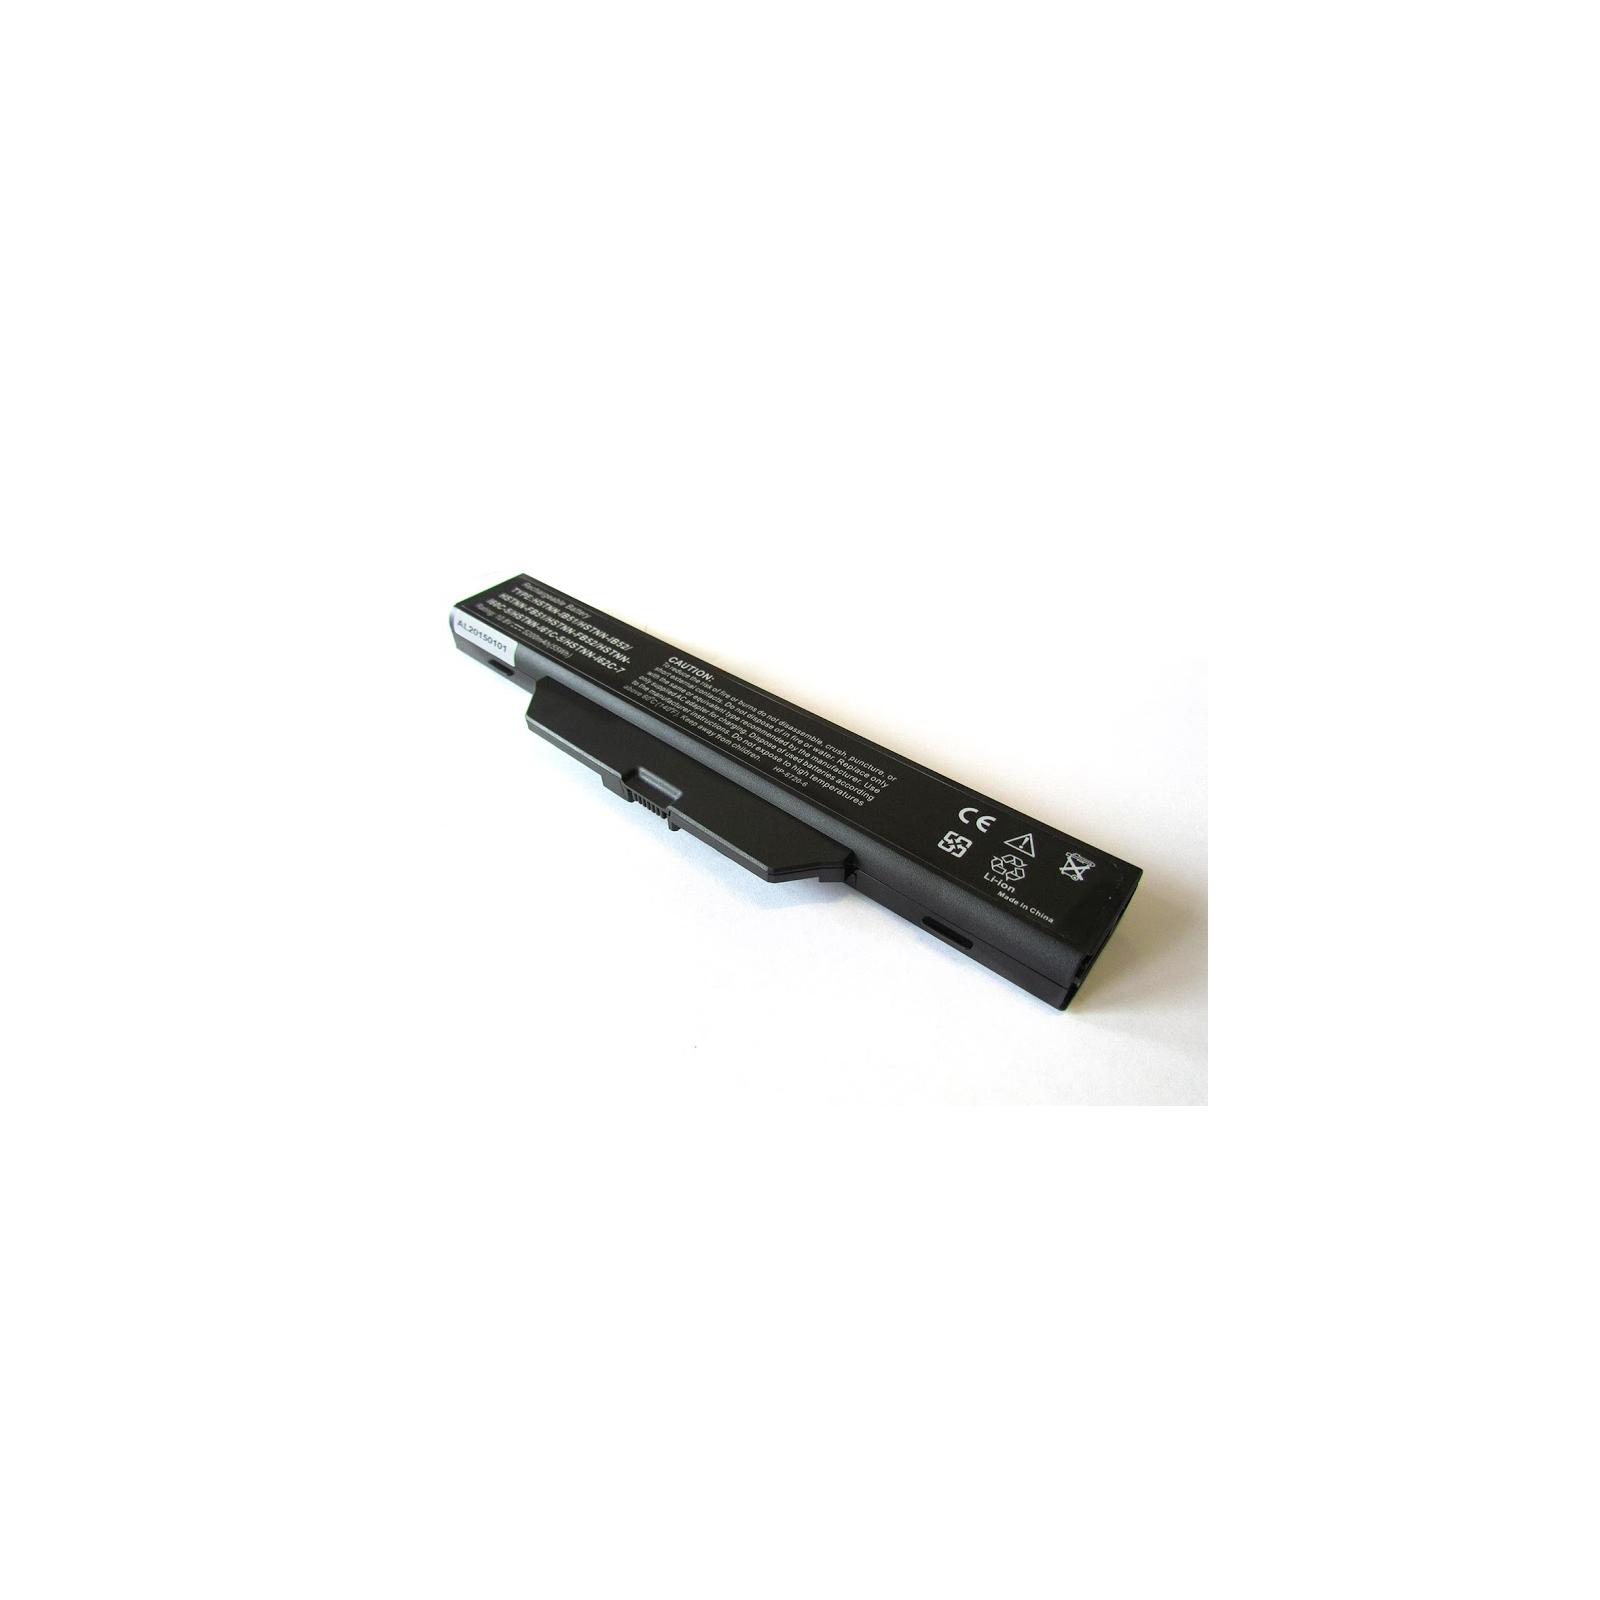 Аккумулятор для ноутбука HP 6720s 10,8V 4400mAh Grand-X (6720)